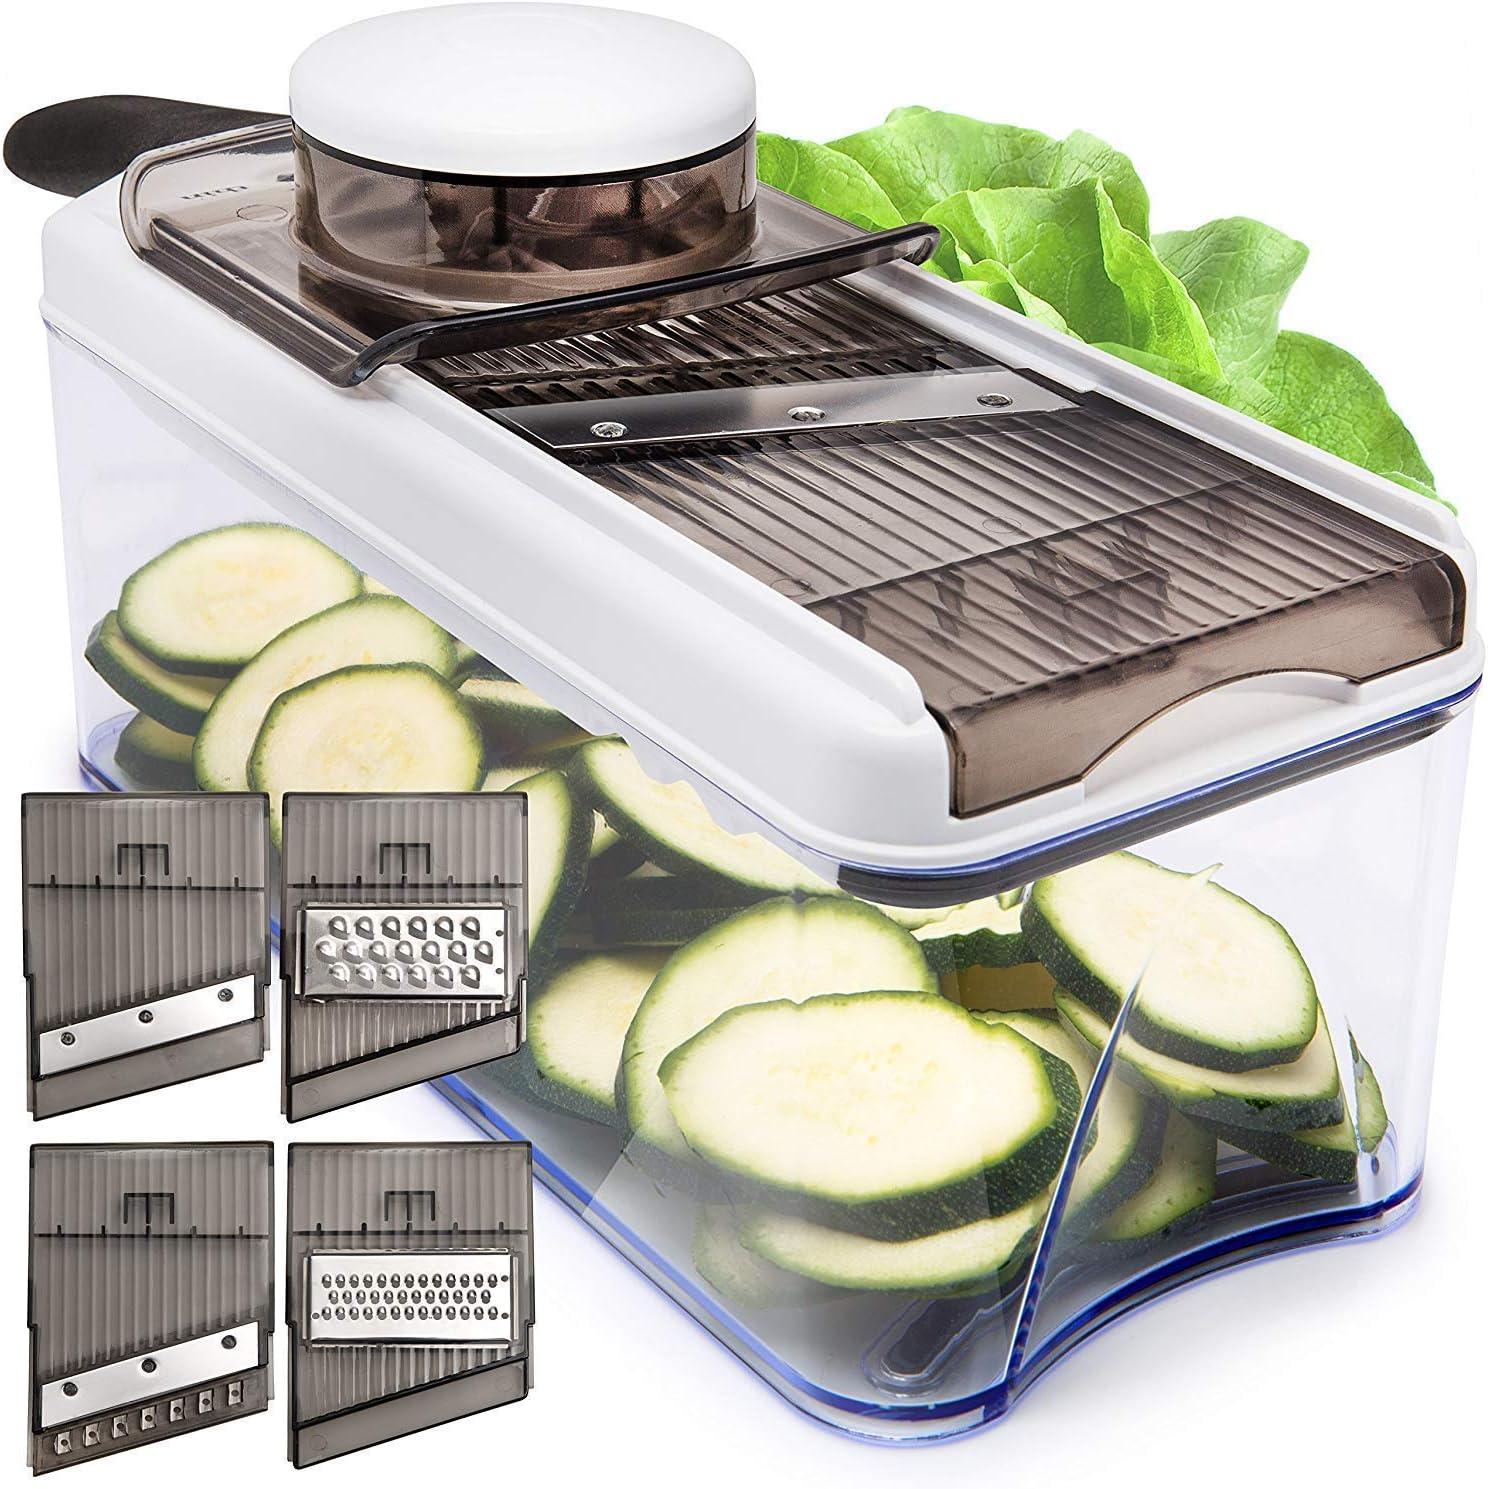 Adjustable Mandoline Slicer Vegetable Slicer Potato Slicer